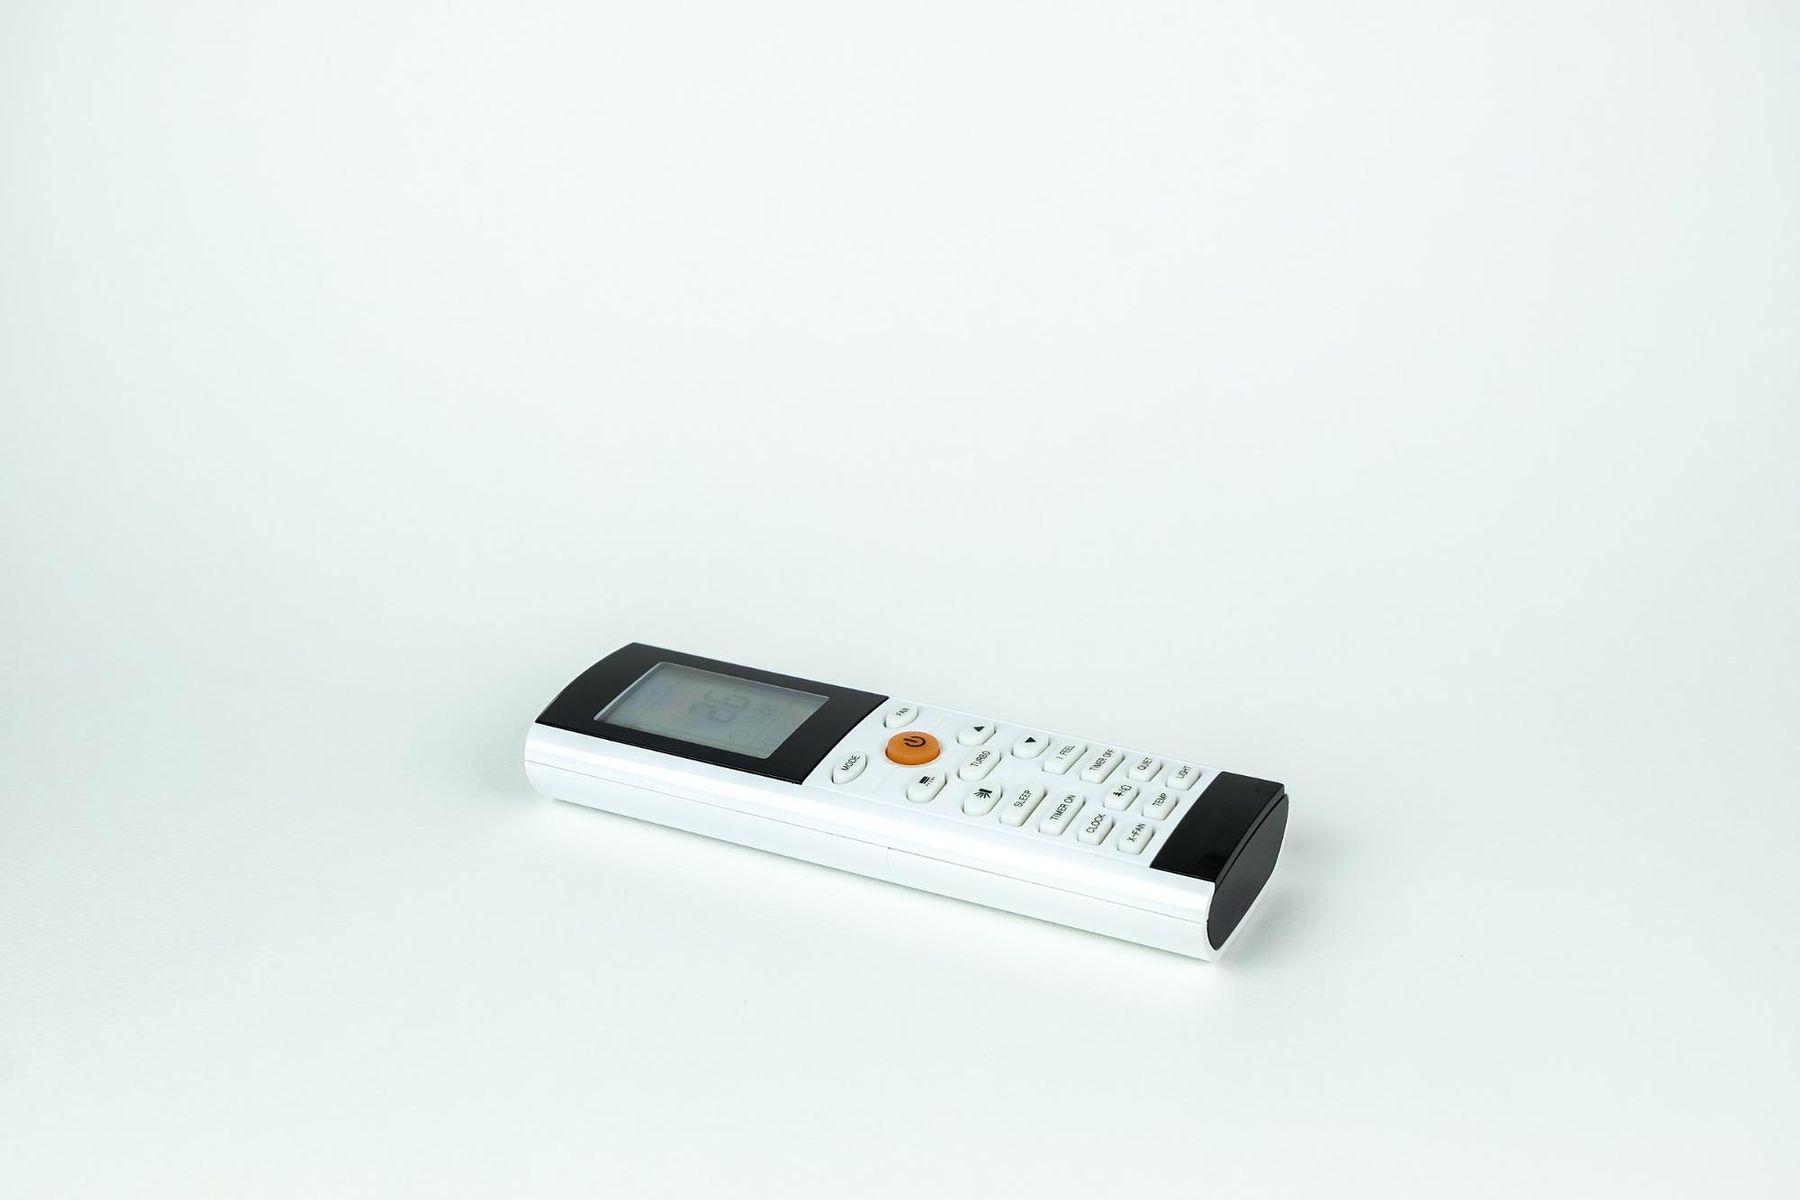 Step 4: Controle remoto do ar condicionado